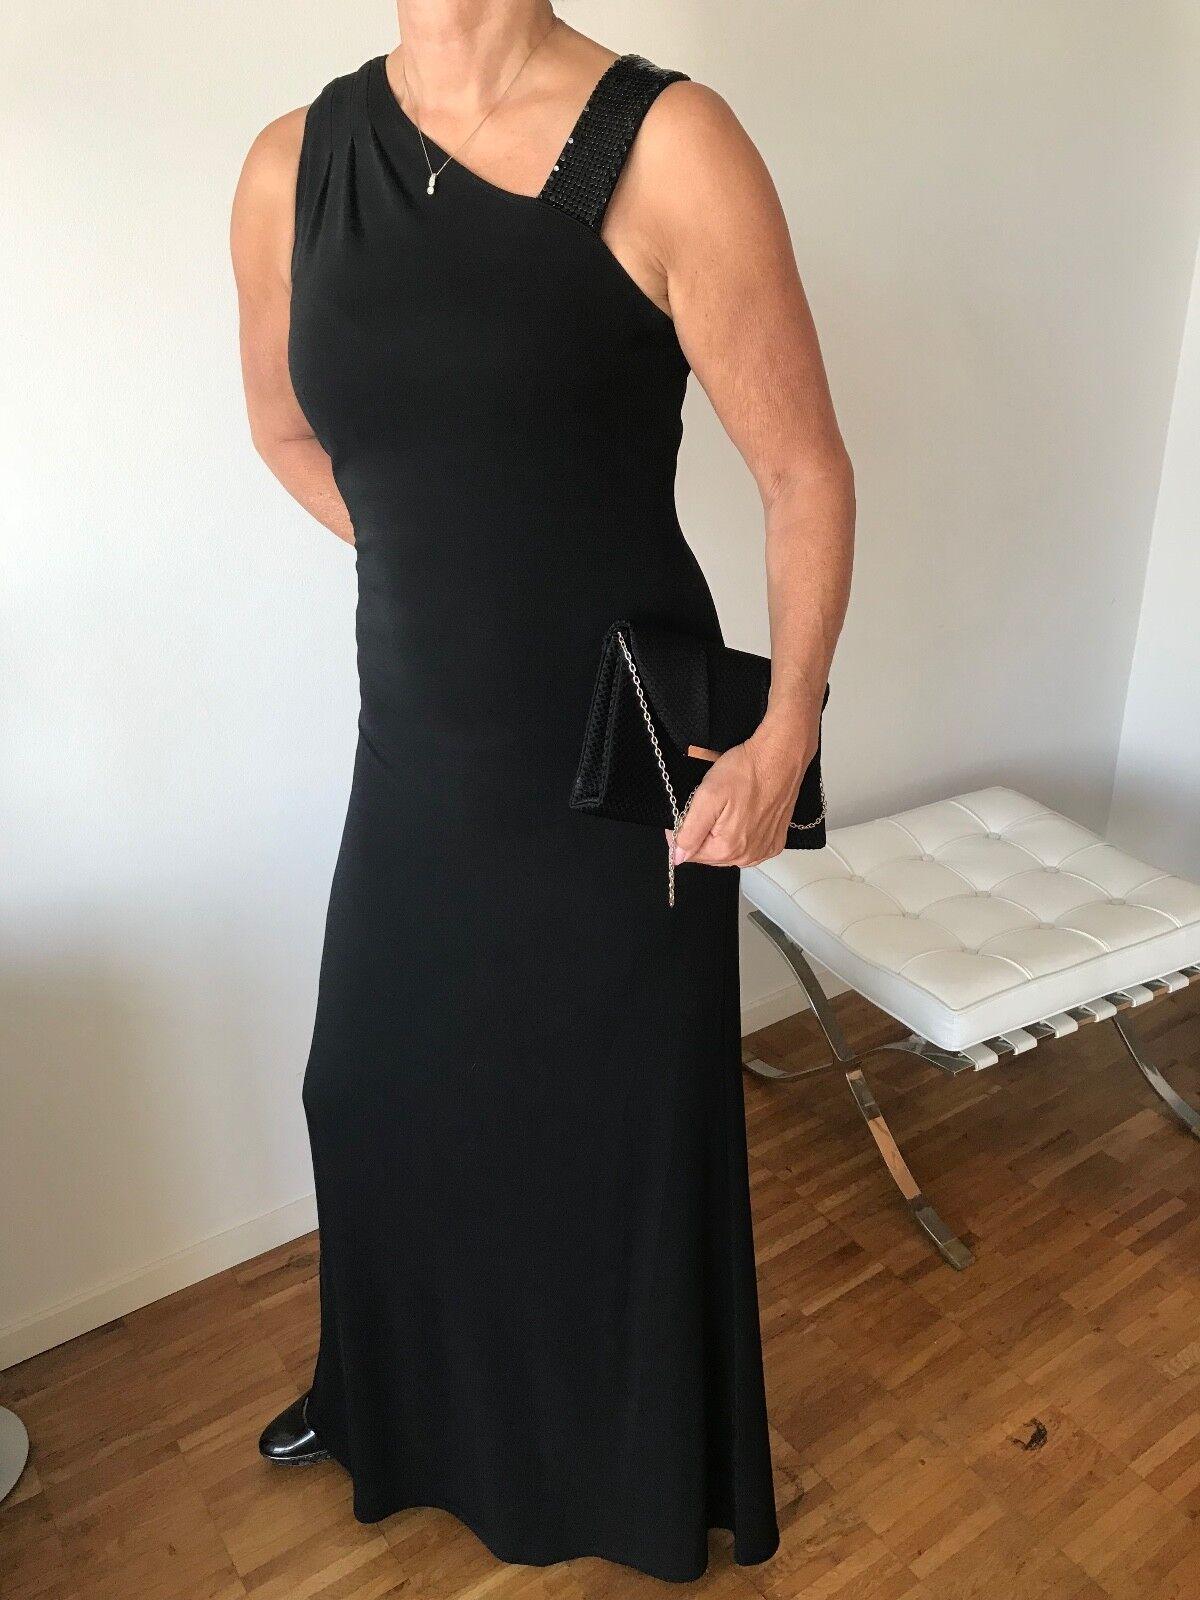 Abendkleid   Viskose   STEFFEN SCHRAUT   Größe 42   schwarz   90 Euro